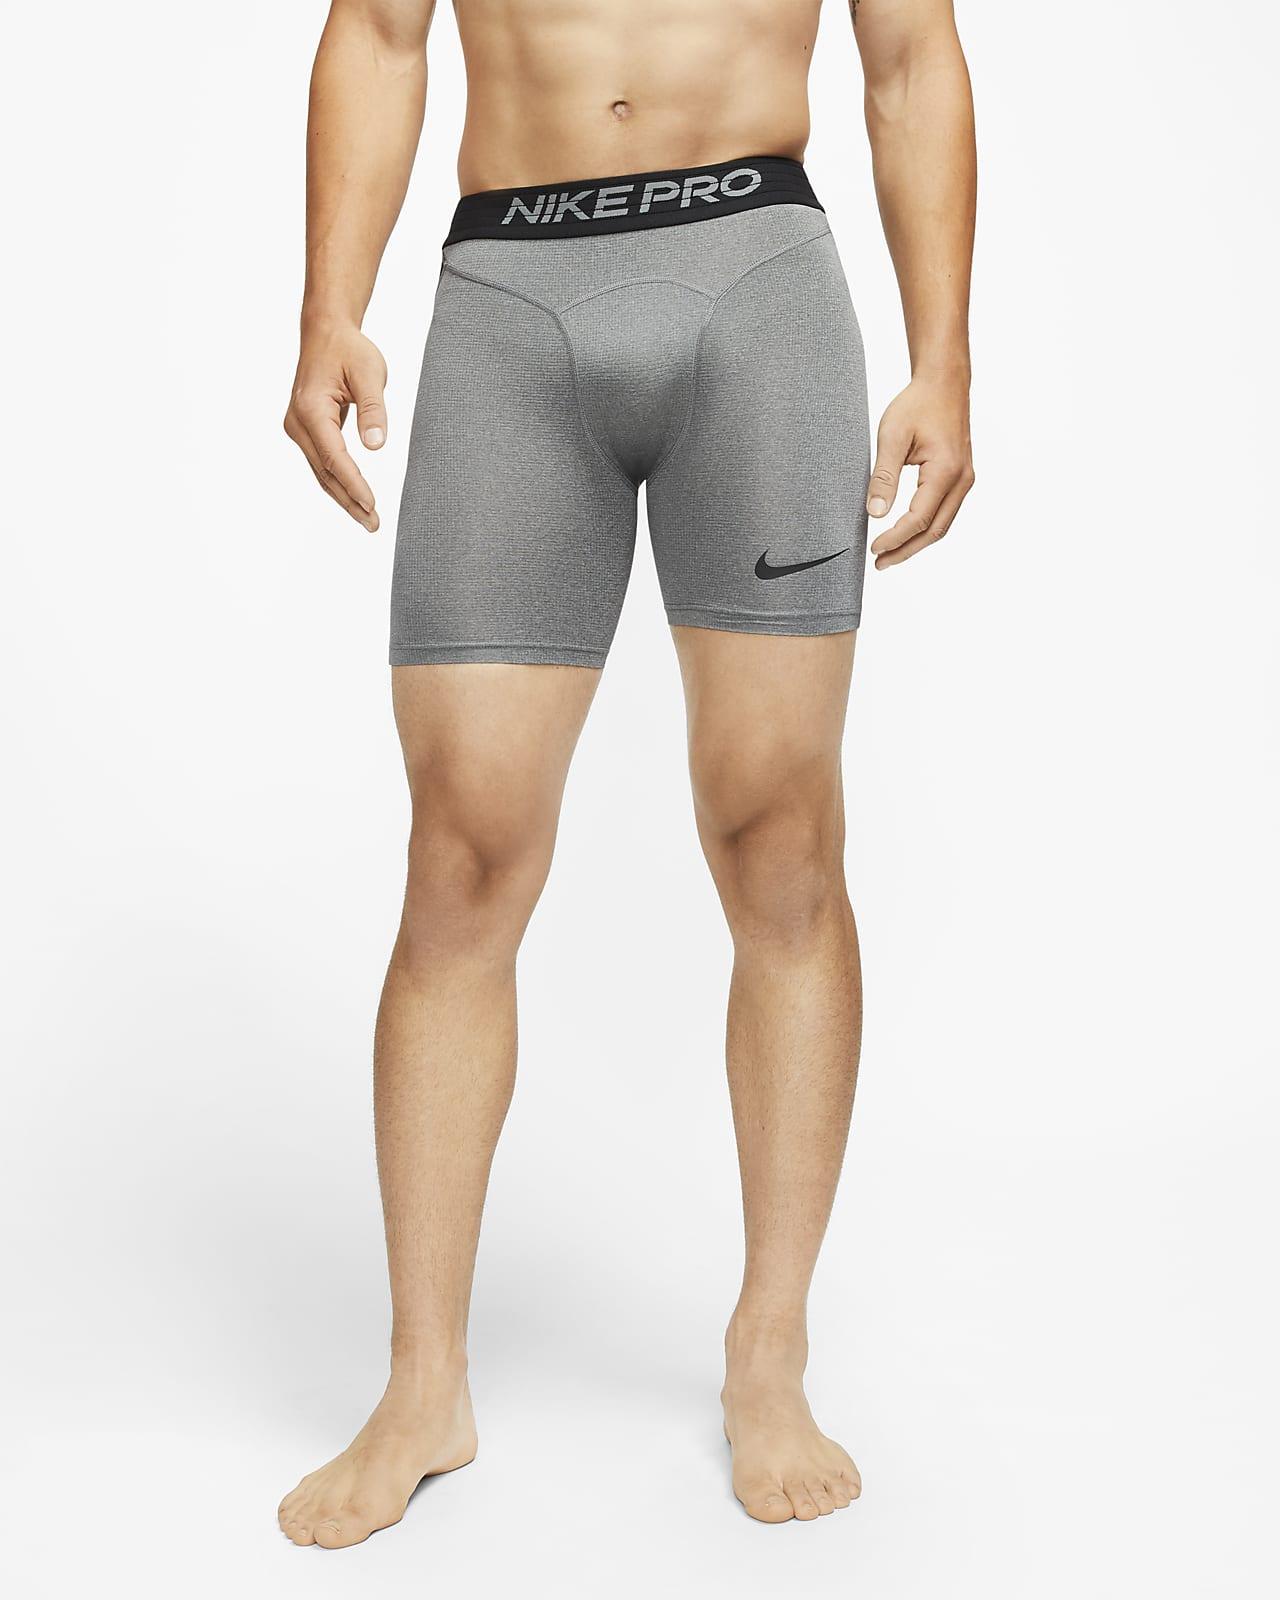 Nike Pro Breathe Men's Shorts